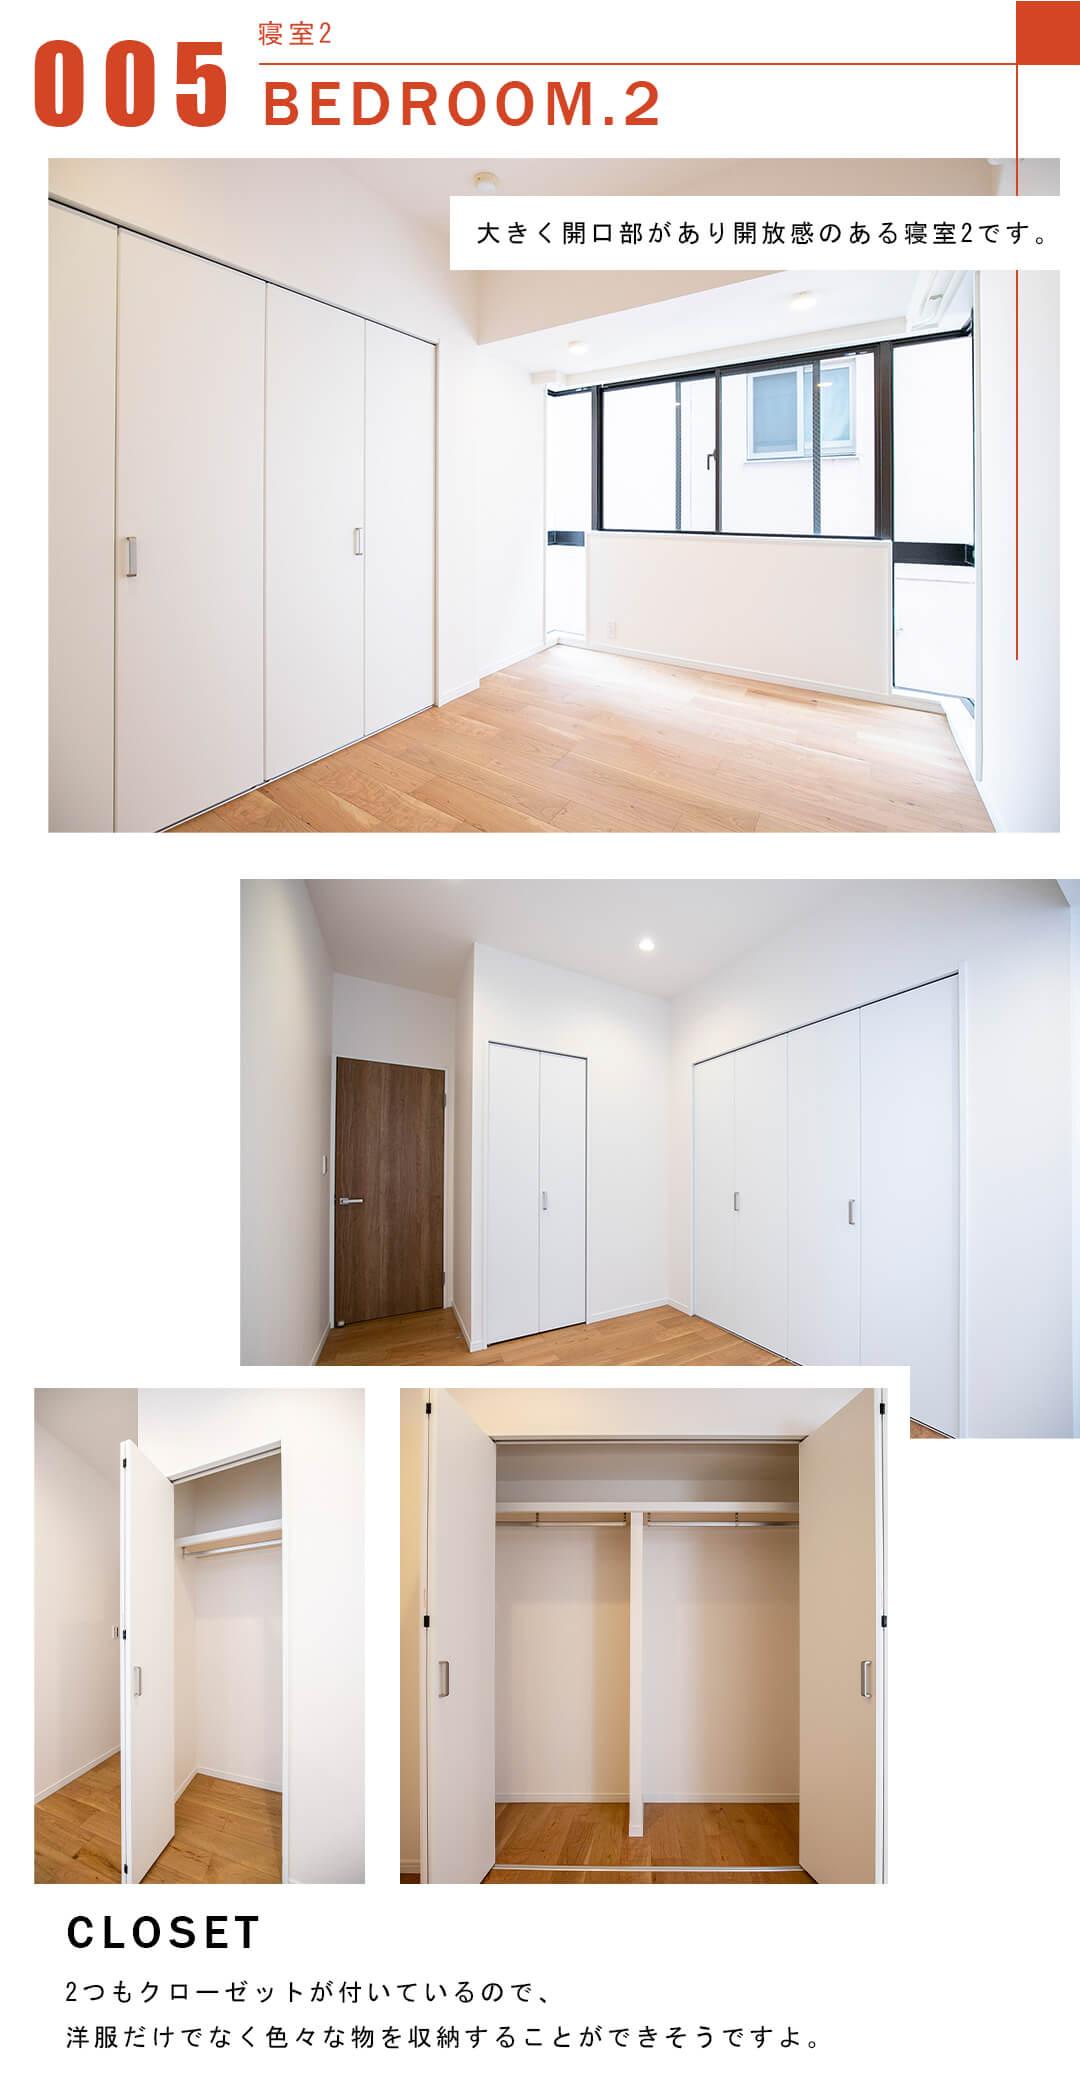 005寝室2,BEDROOM.2